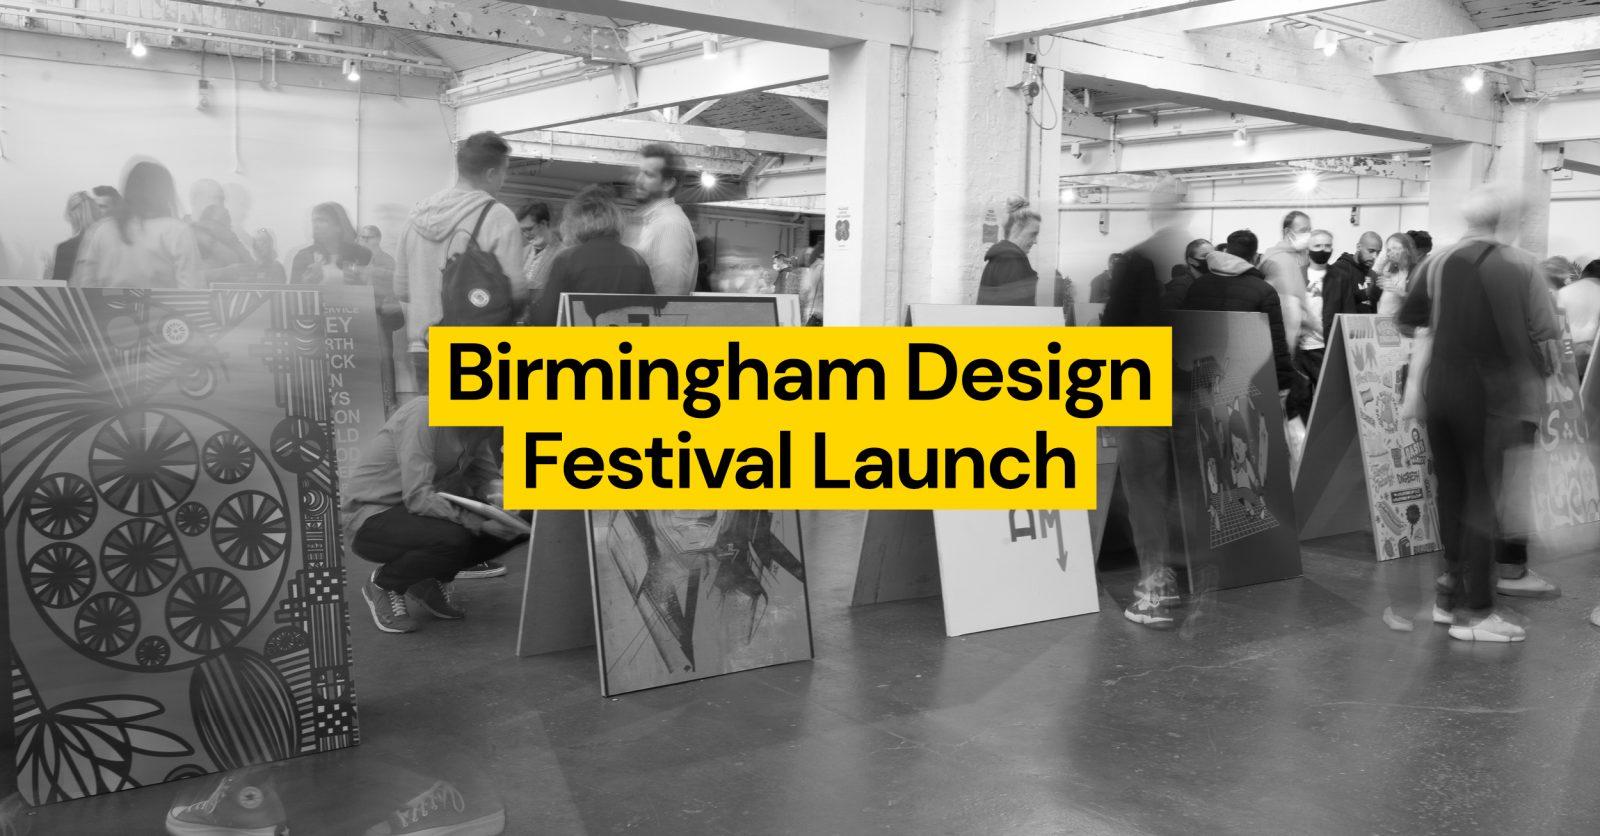 Birmingham Design Festival Launch